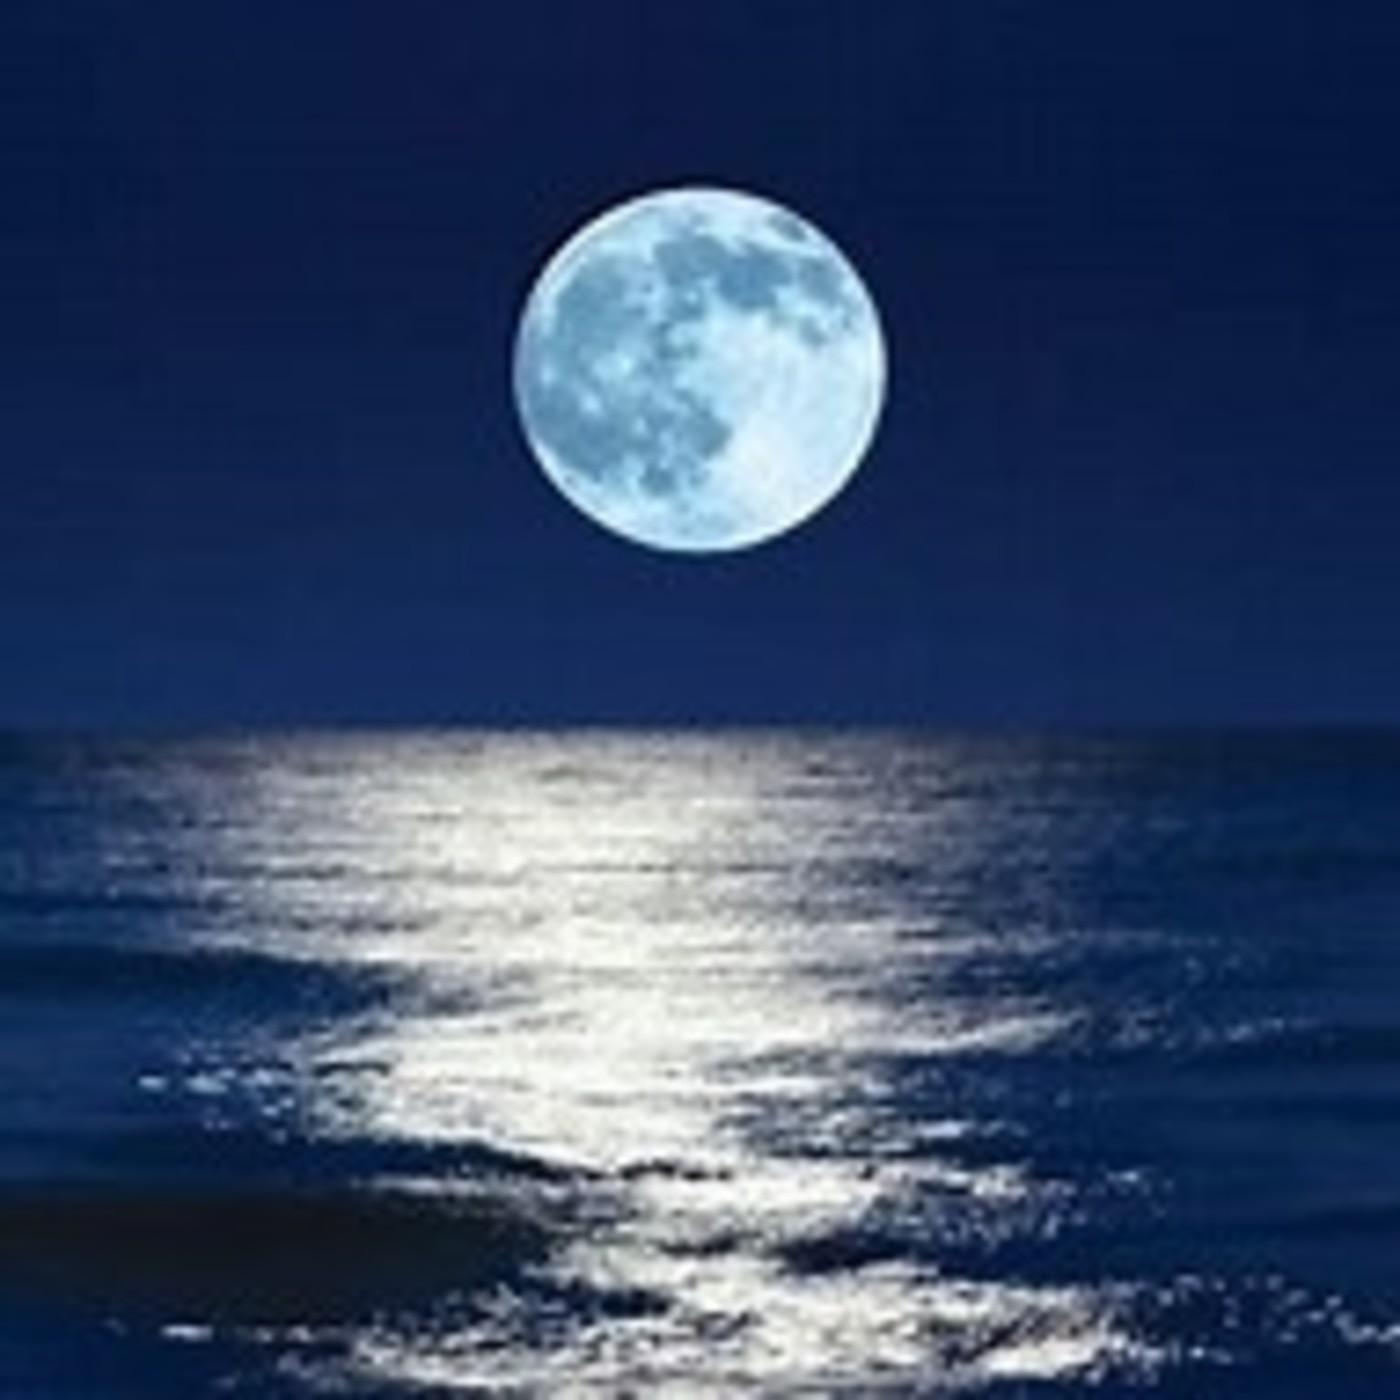 6. Meditación para dormir profundamente - Cuento: El vaso de agua